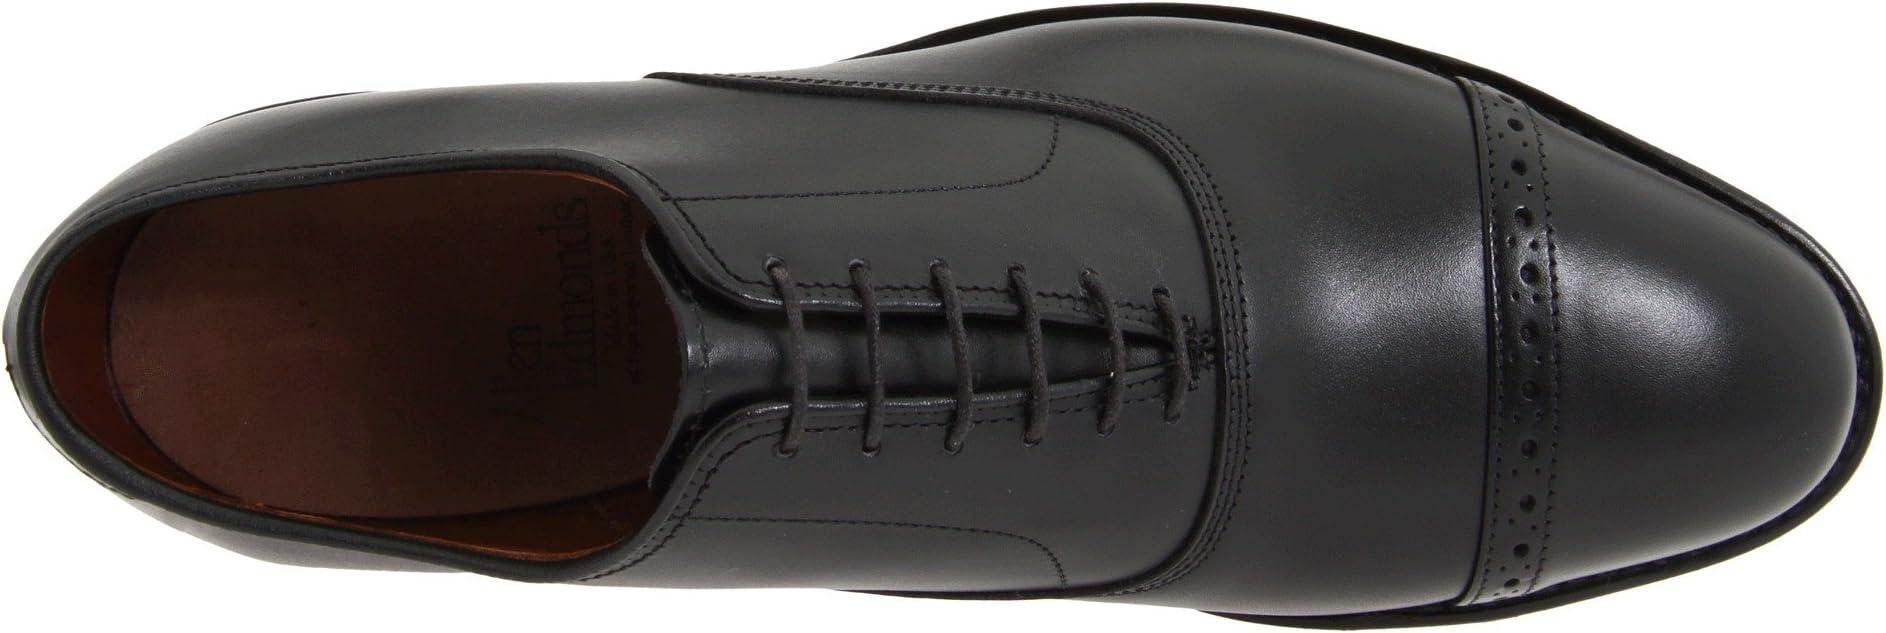 Allen Edmonds Fifth Avenue | Men's shoes | 2020 Newest